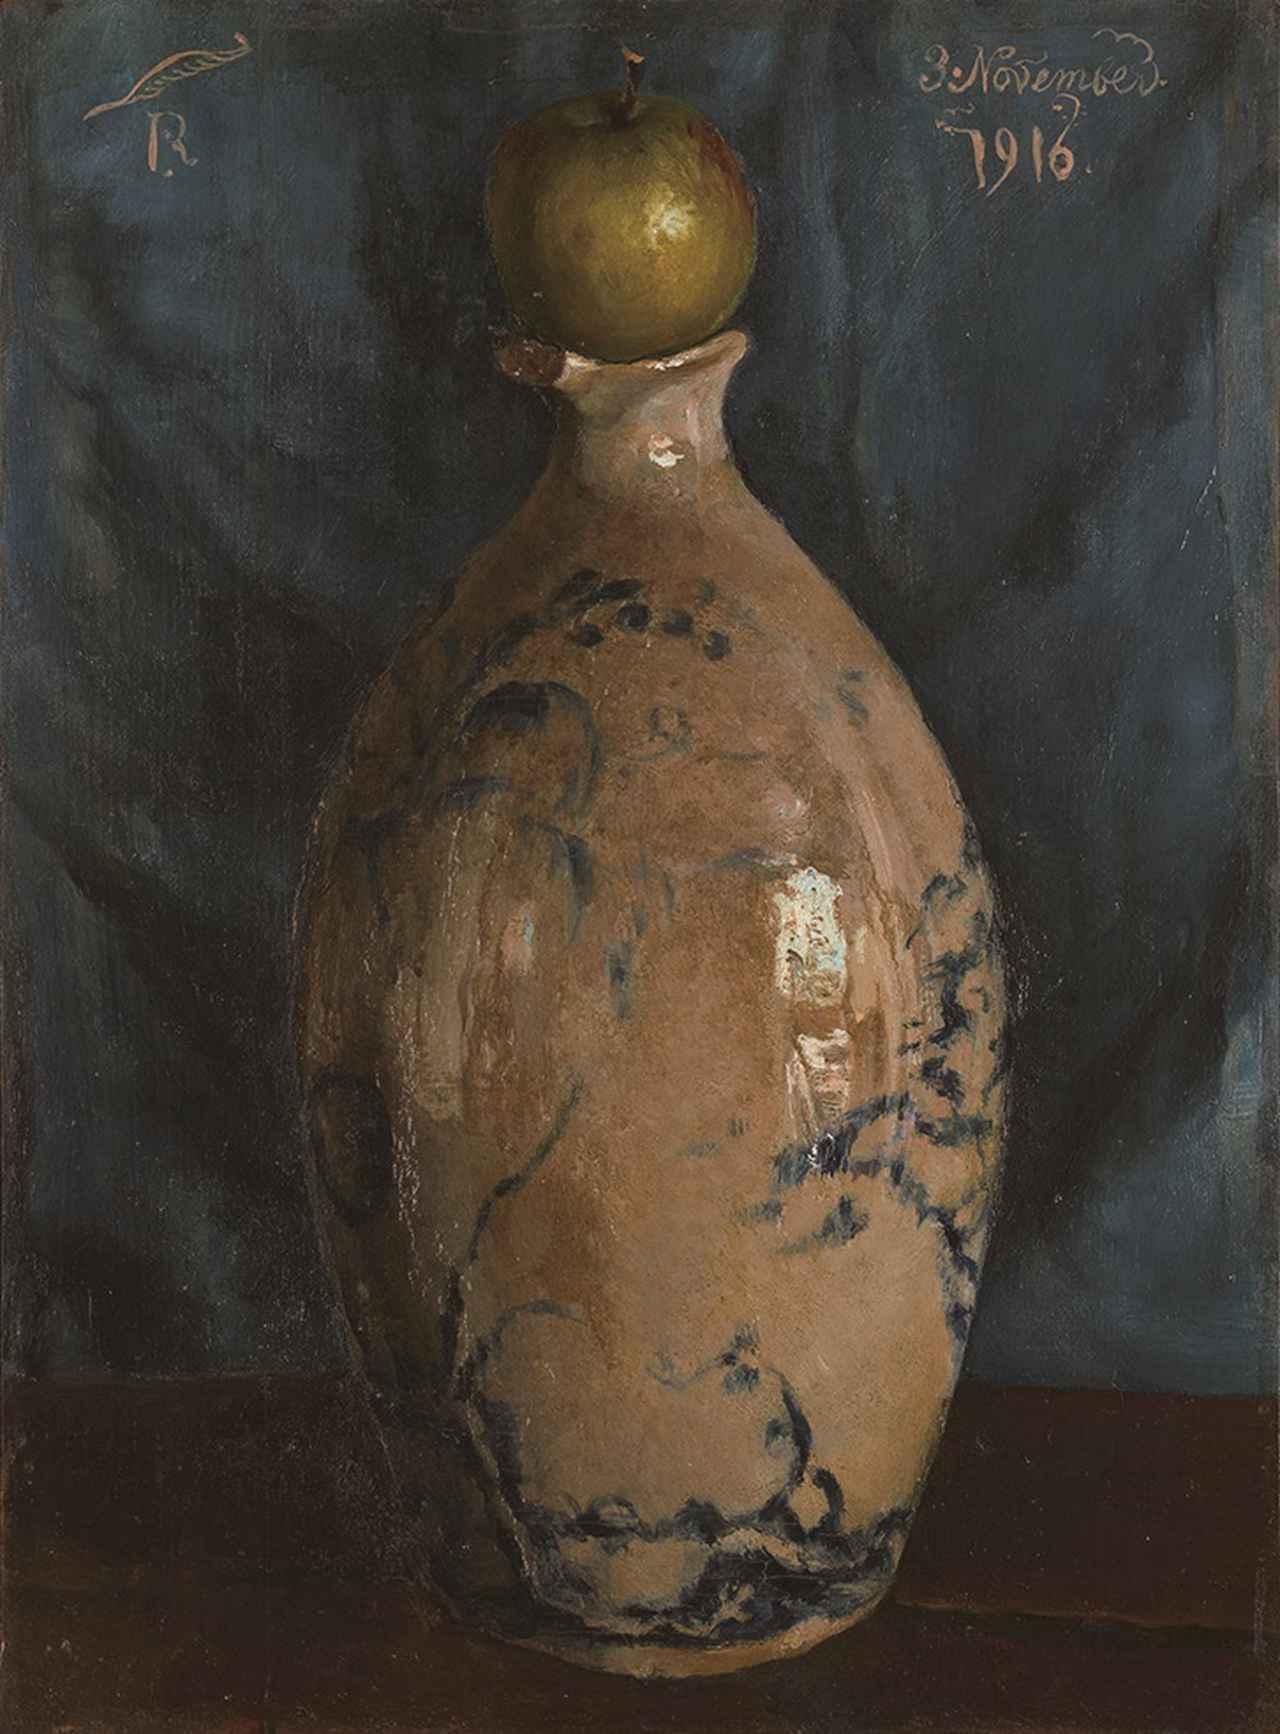 画像: 《壺の上に林檎が載って在る》 1916 年 11 月 3 日 油彩/板 40.0×29.5cm 東京国立近代美術館